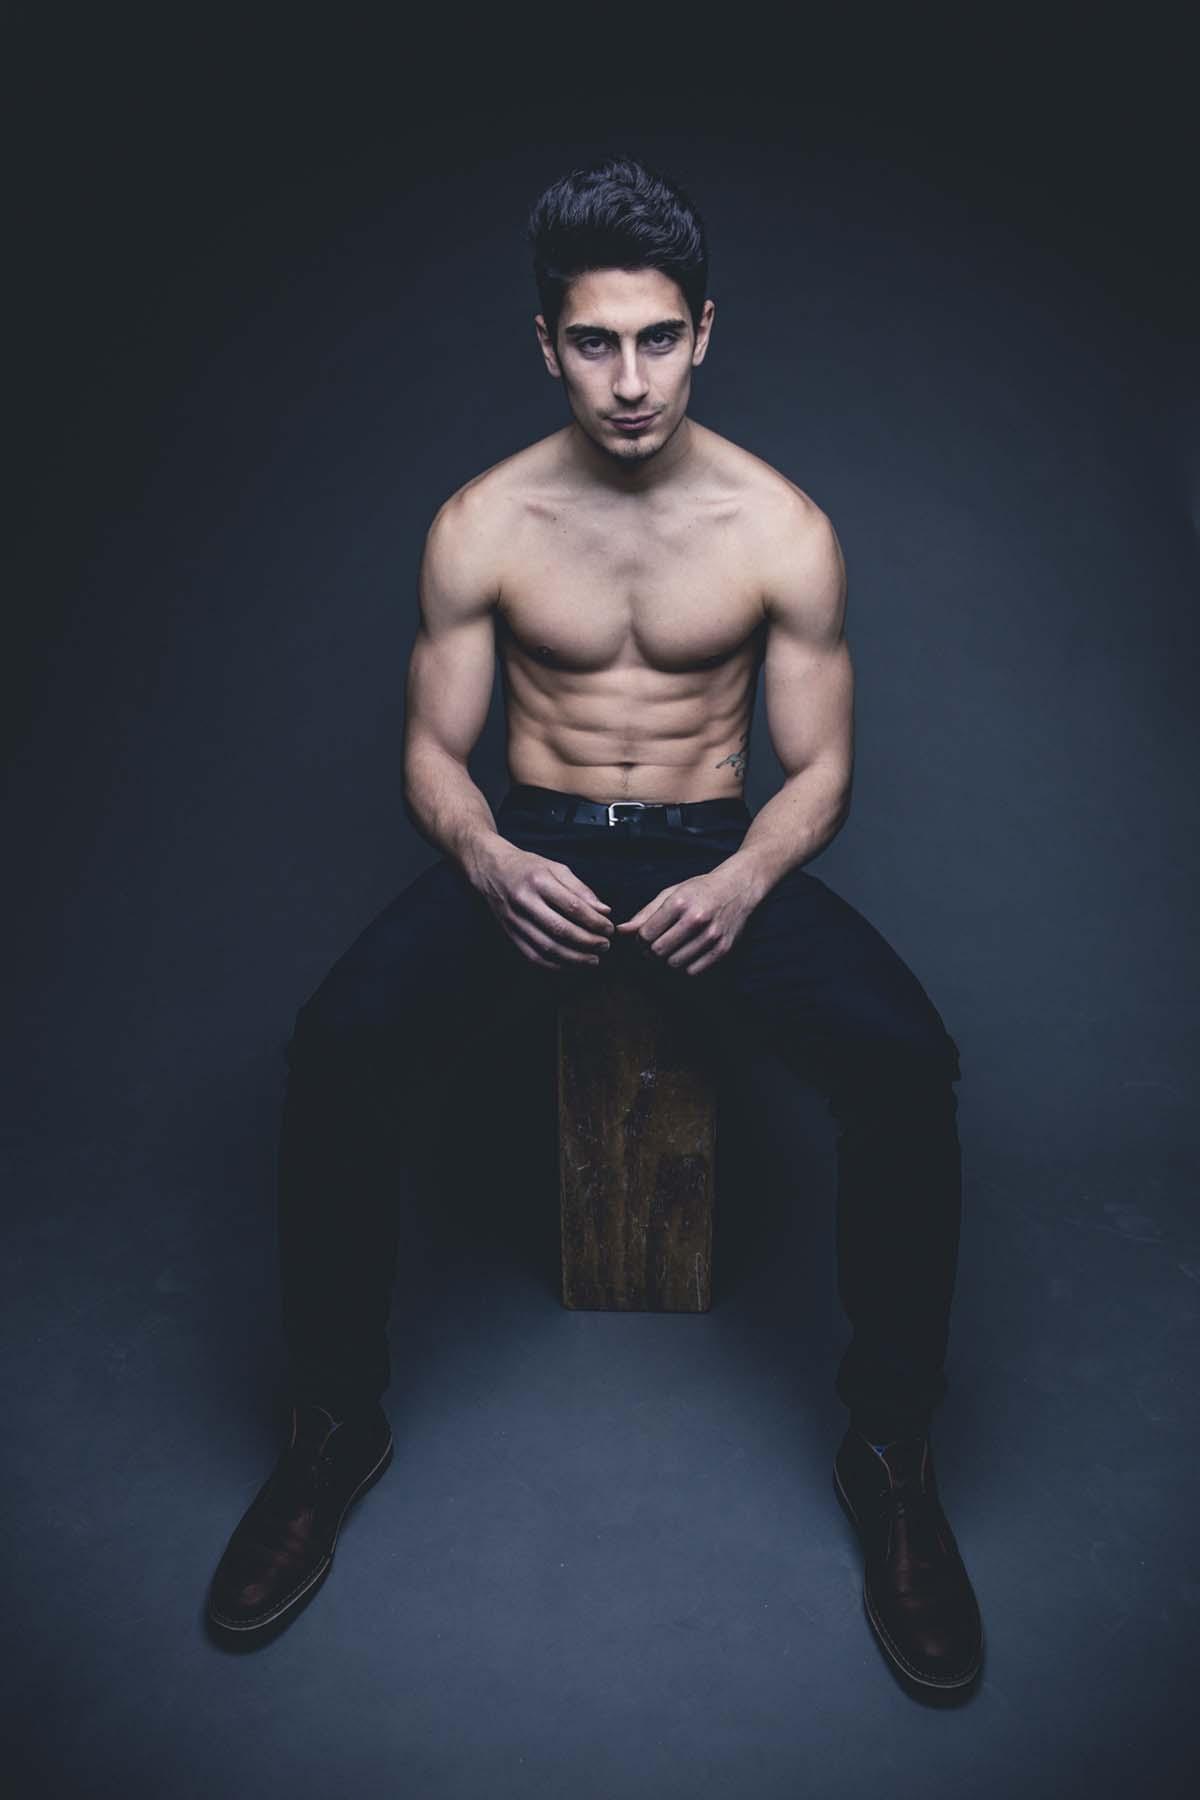 Lucas Franco by Joseph Lacerte